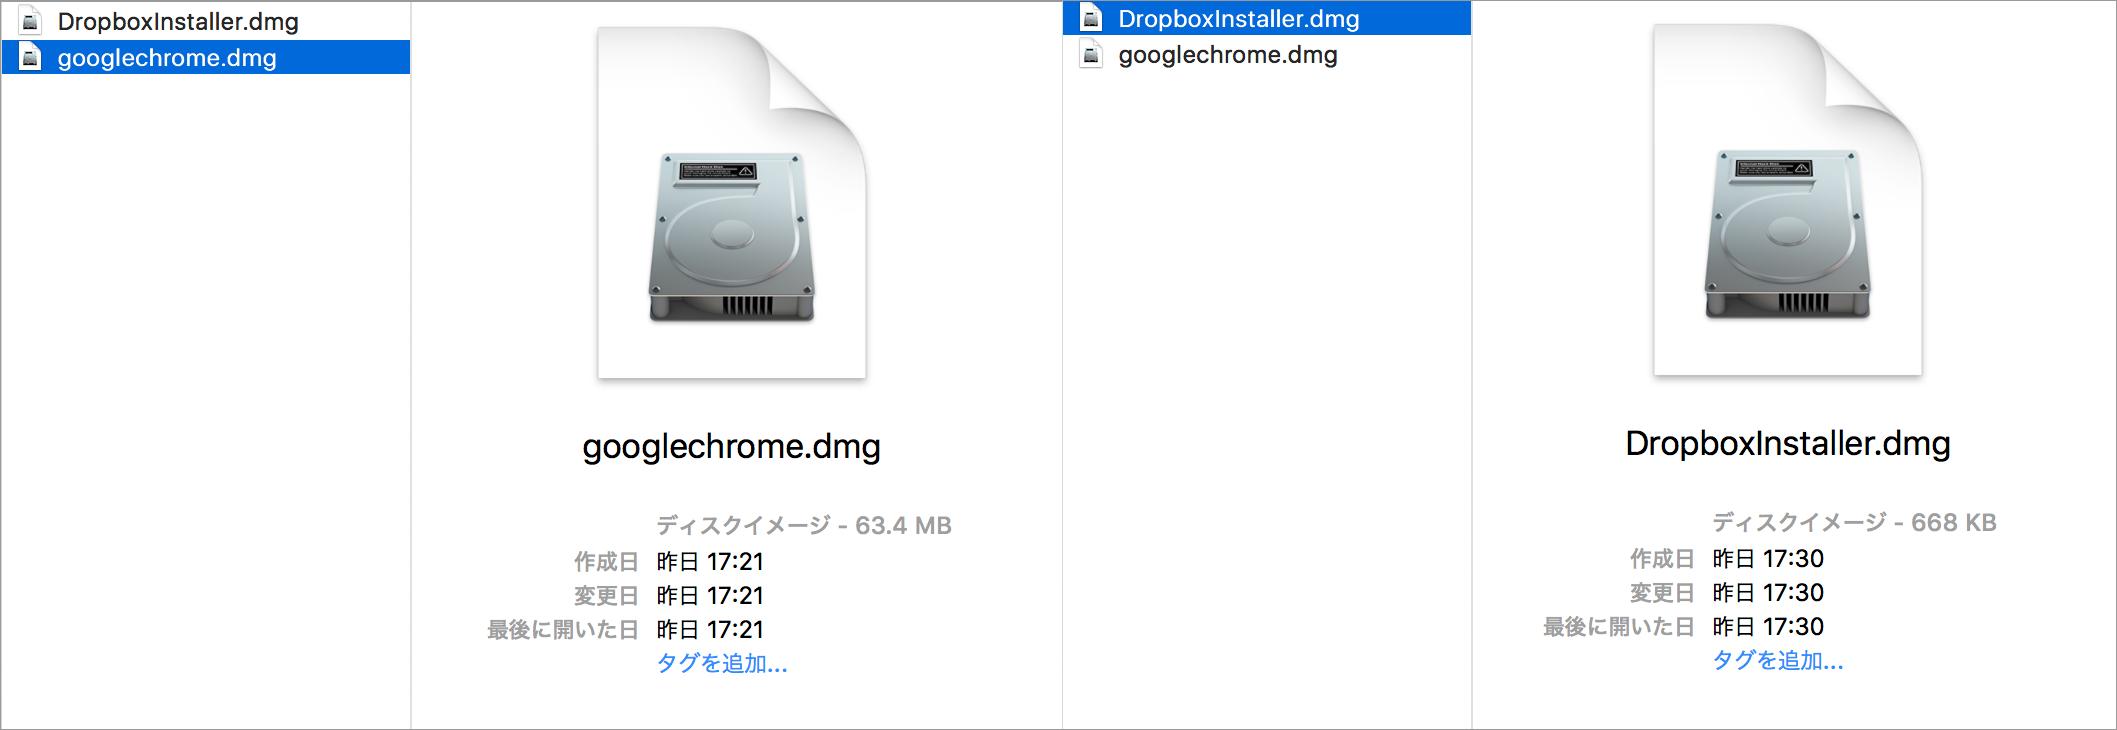 ChromeとDropboxのインストール用ダウンロードファイル